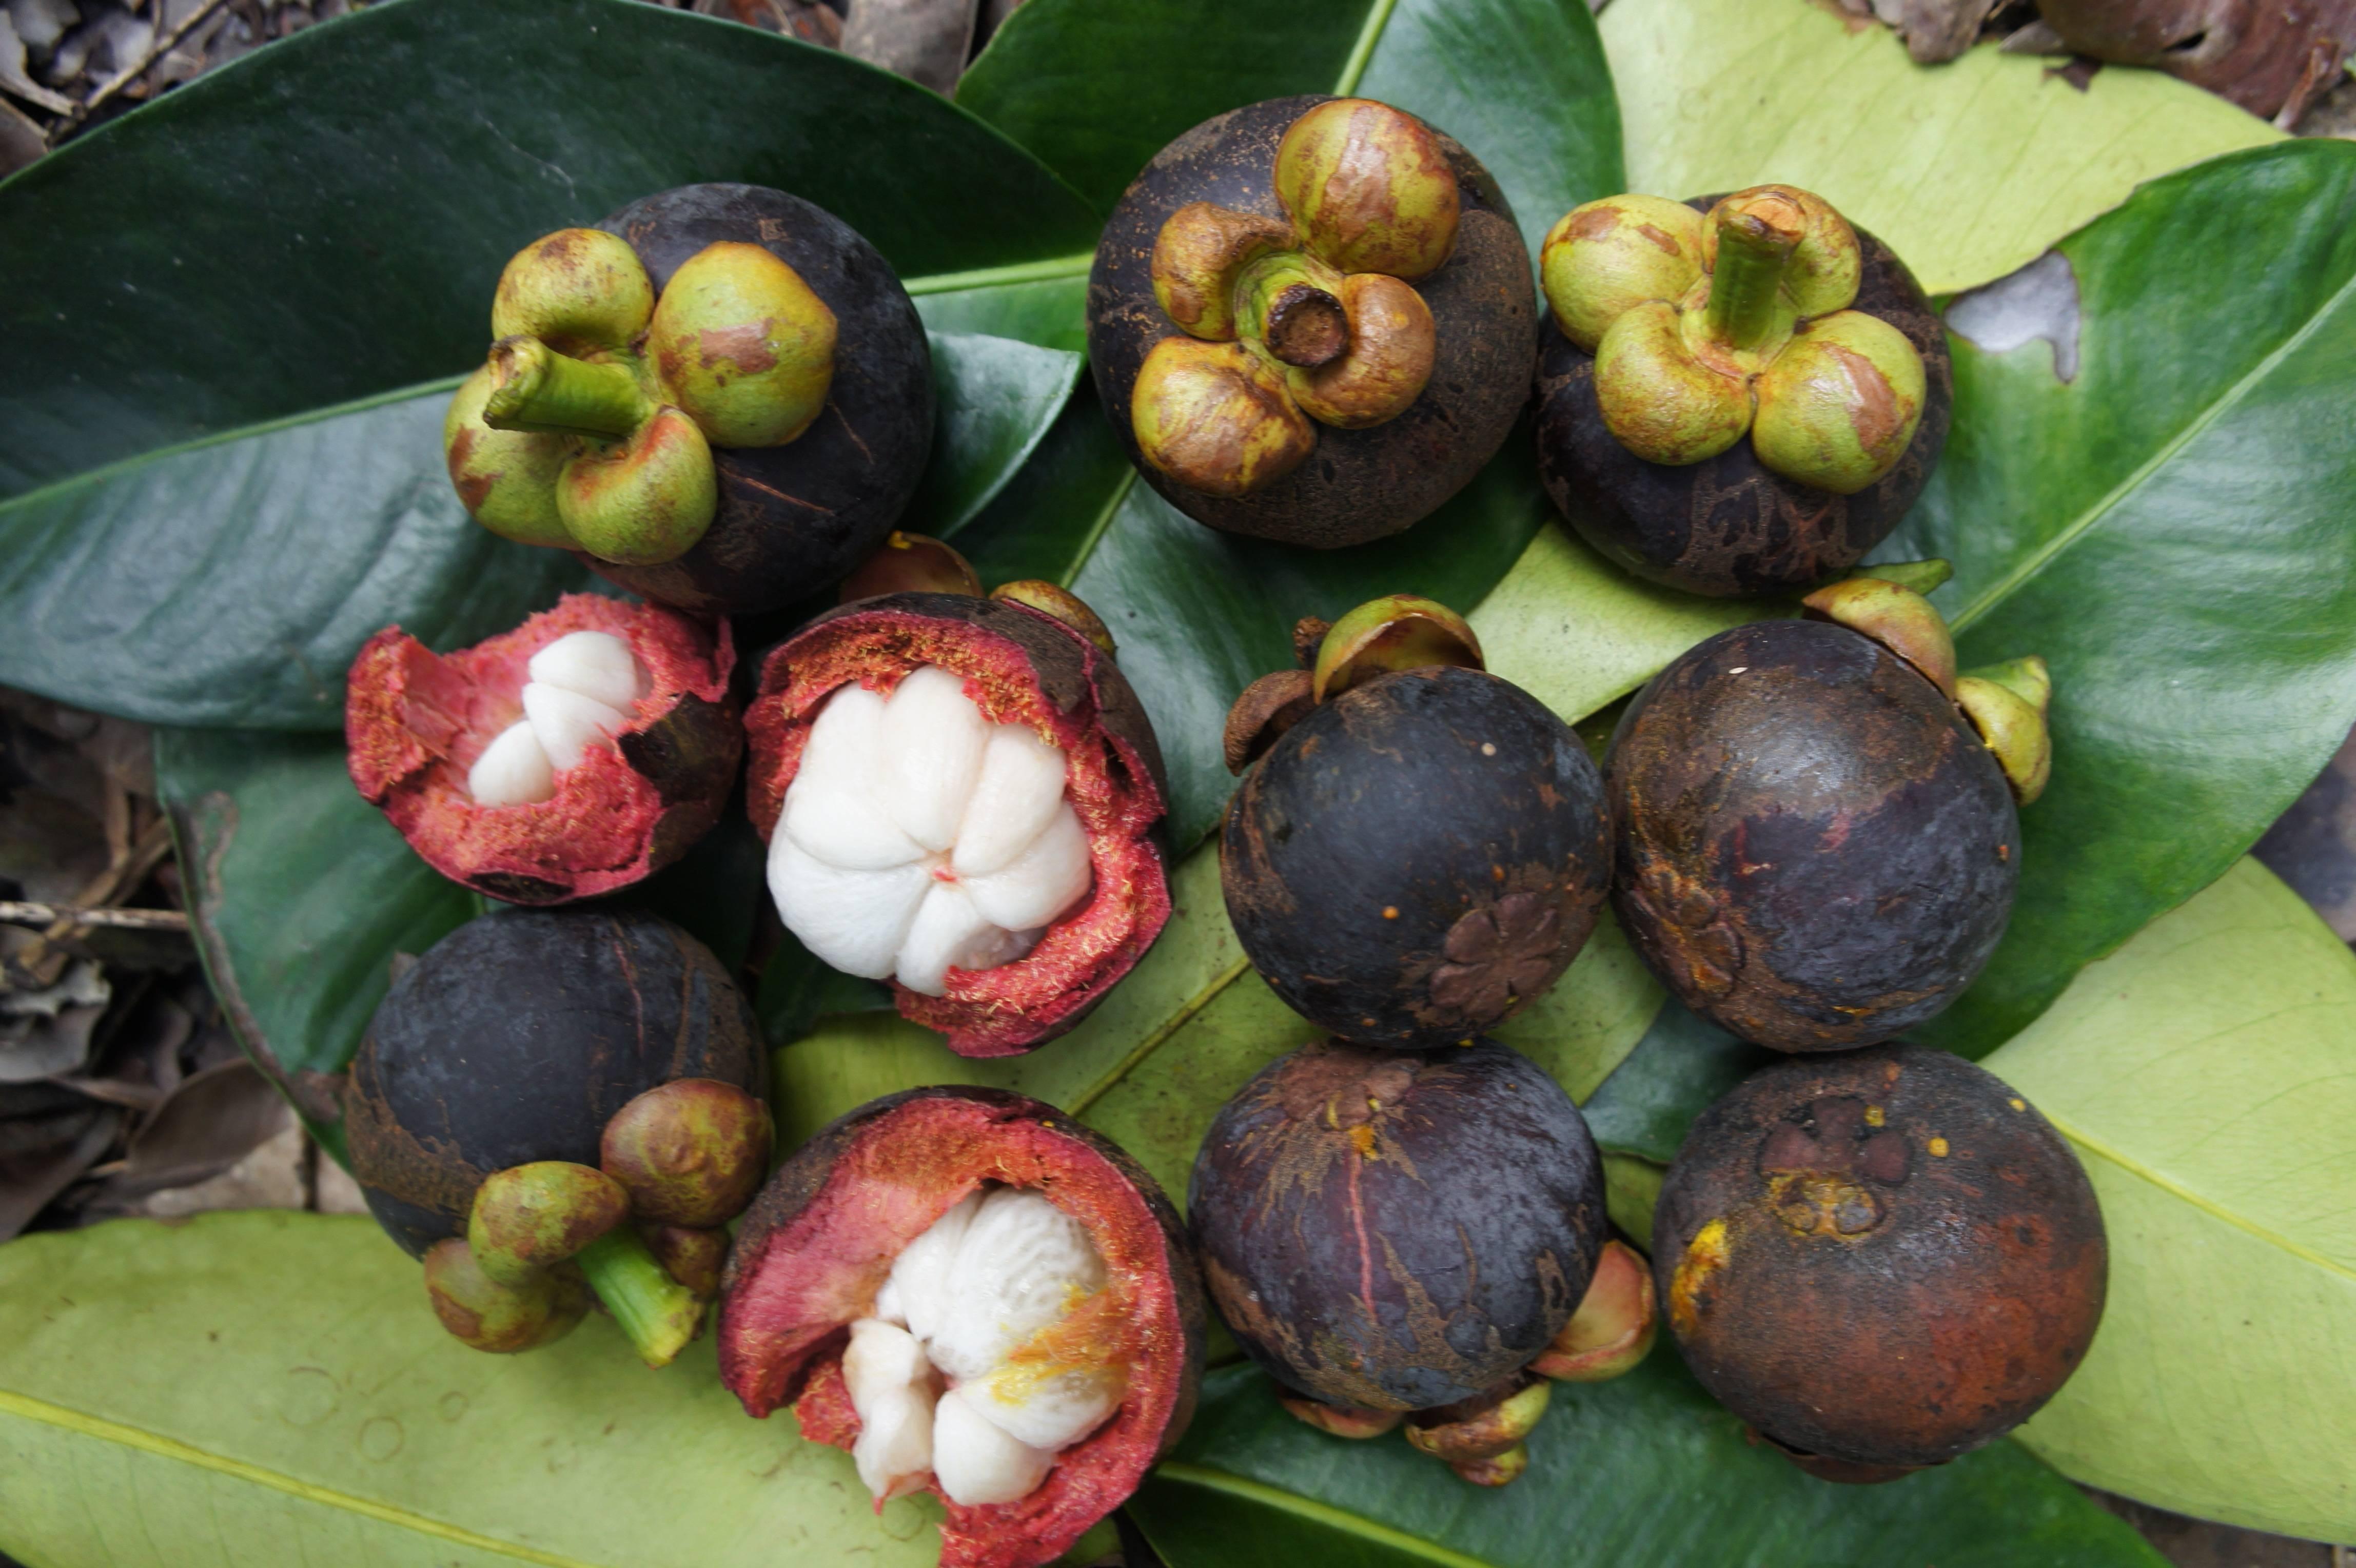 Фрукт мангустин : где растет, какой у него вкус и как правильно выбирать